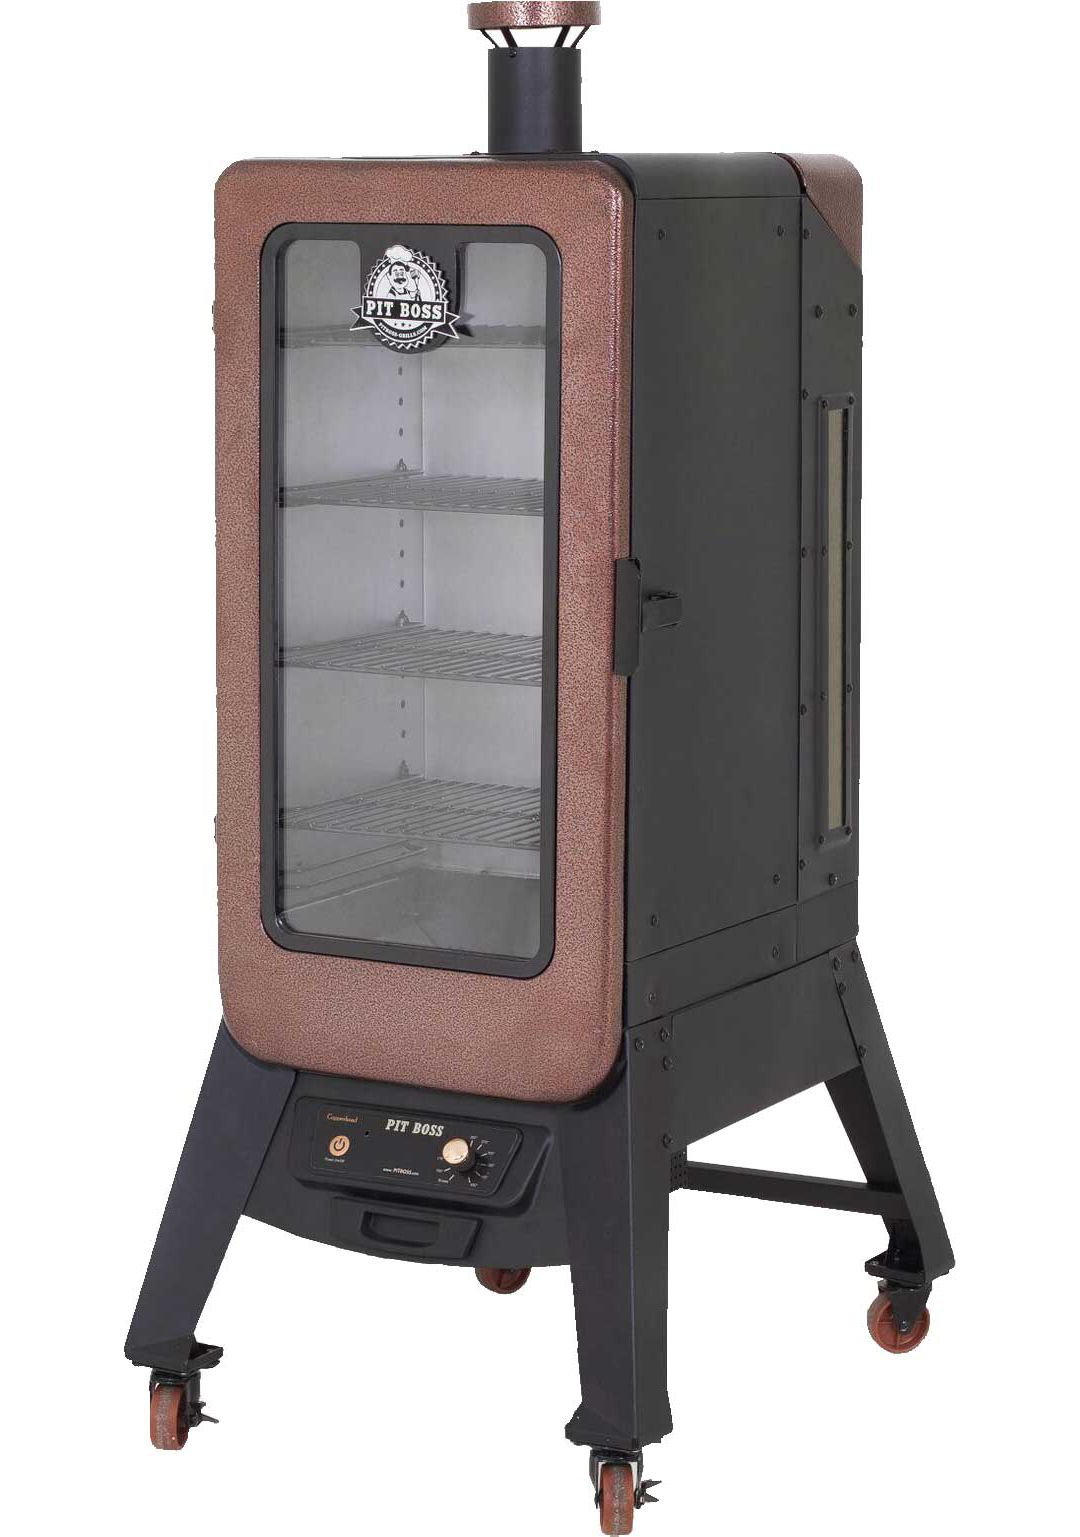 Pit Boss 3 Series Vertical Pellet Smoker